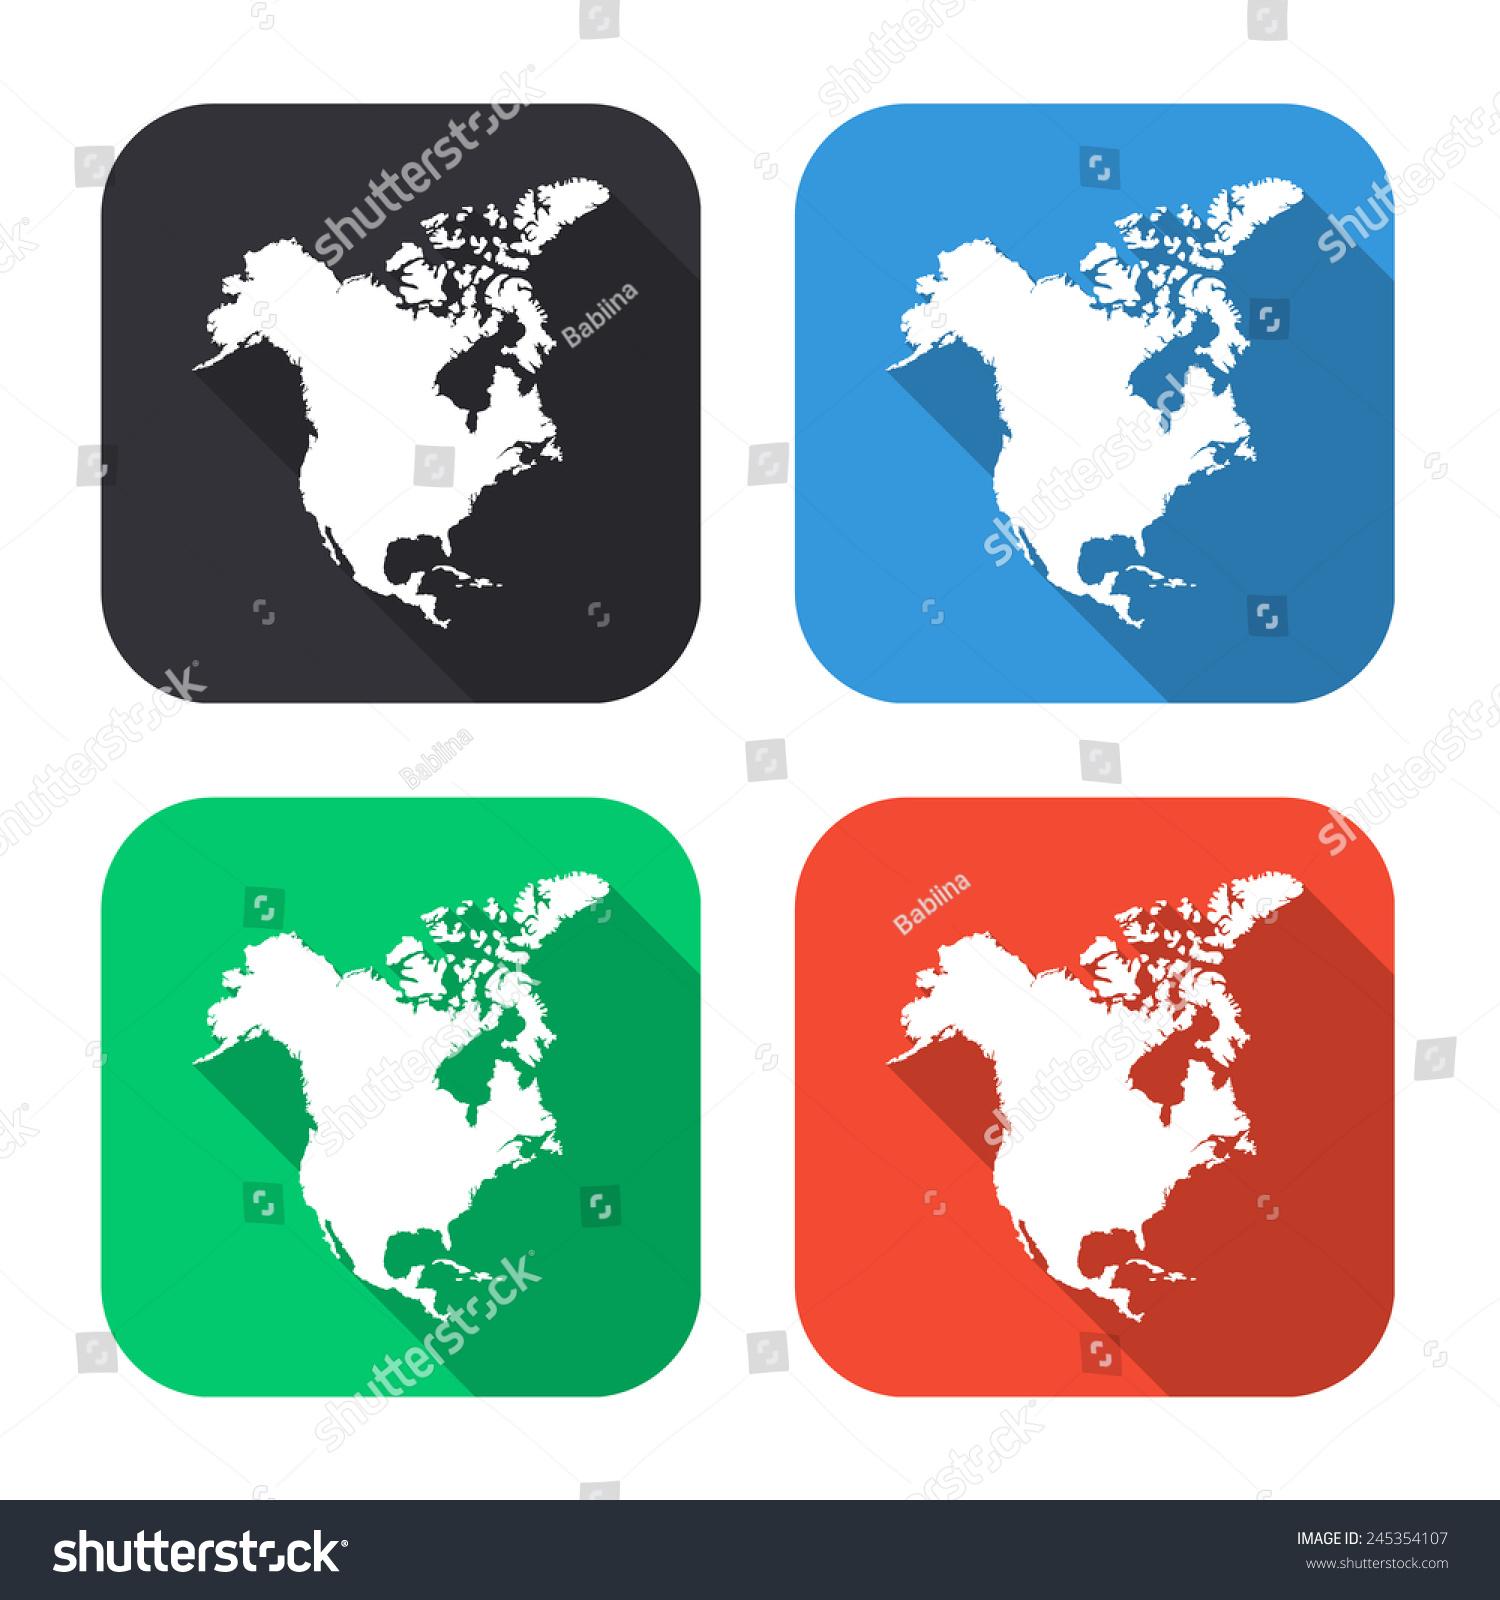 North America Map Icon Colored Illustration Stock Vector 245354107